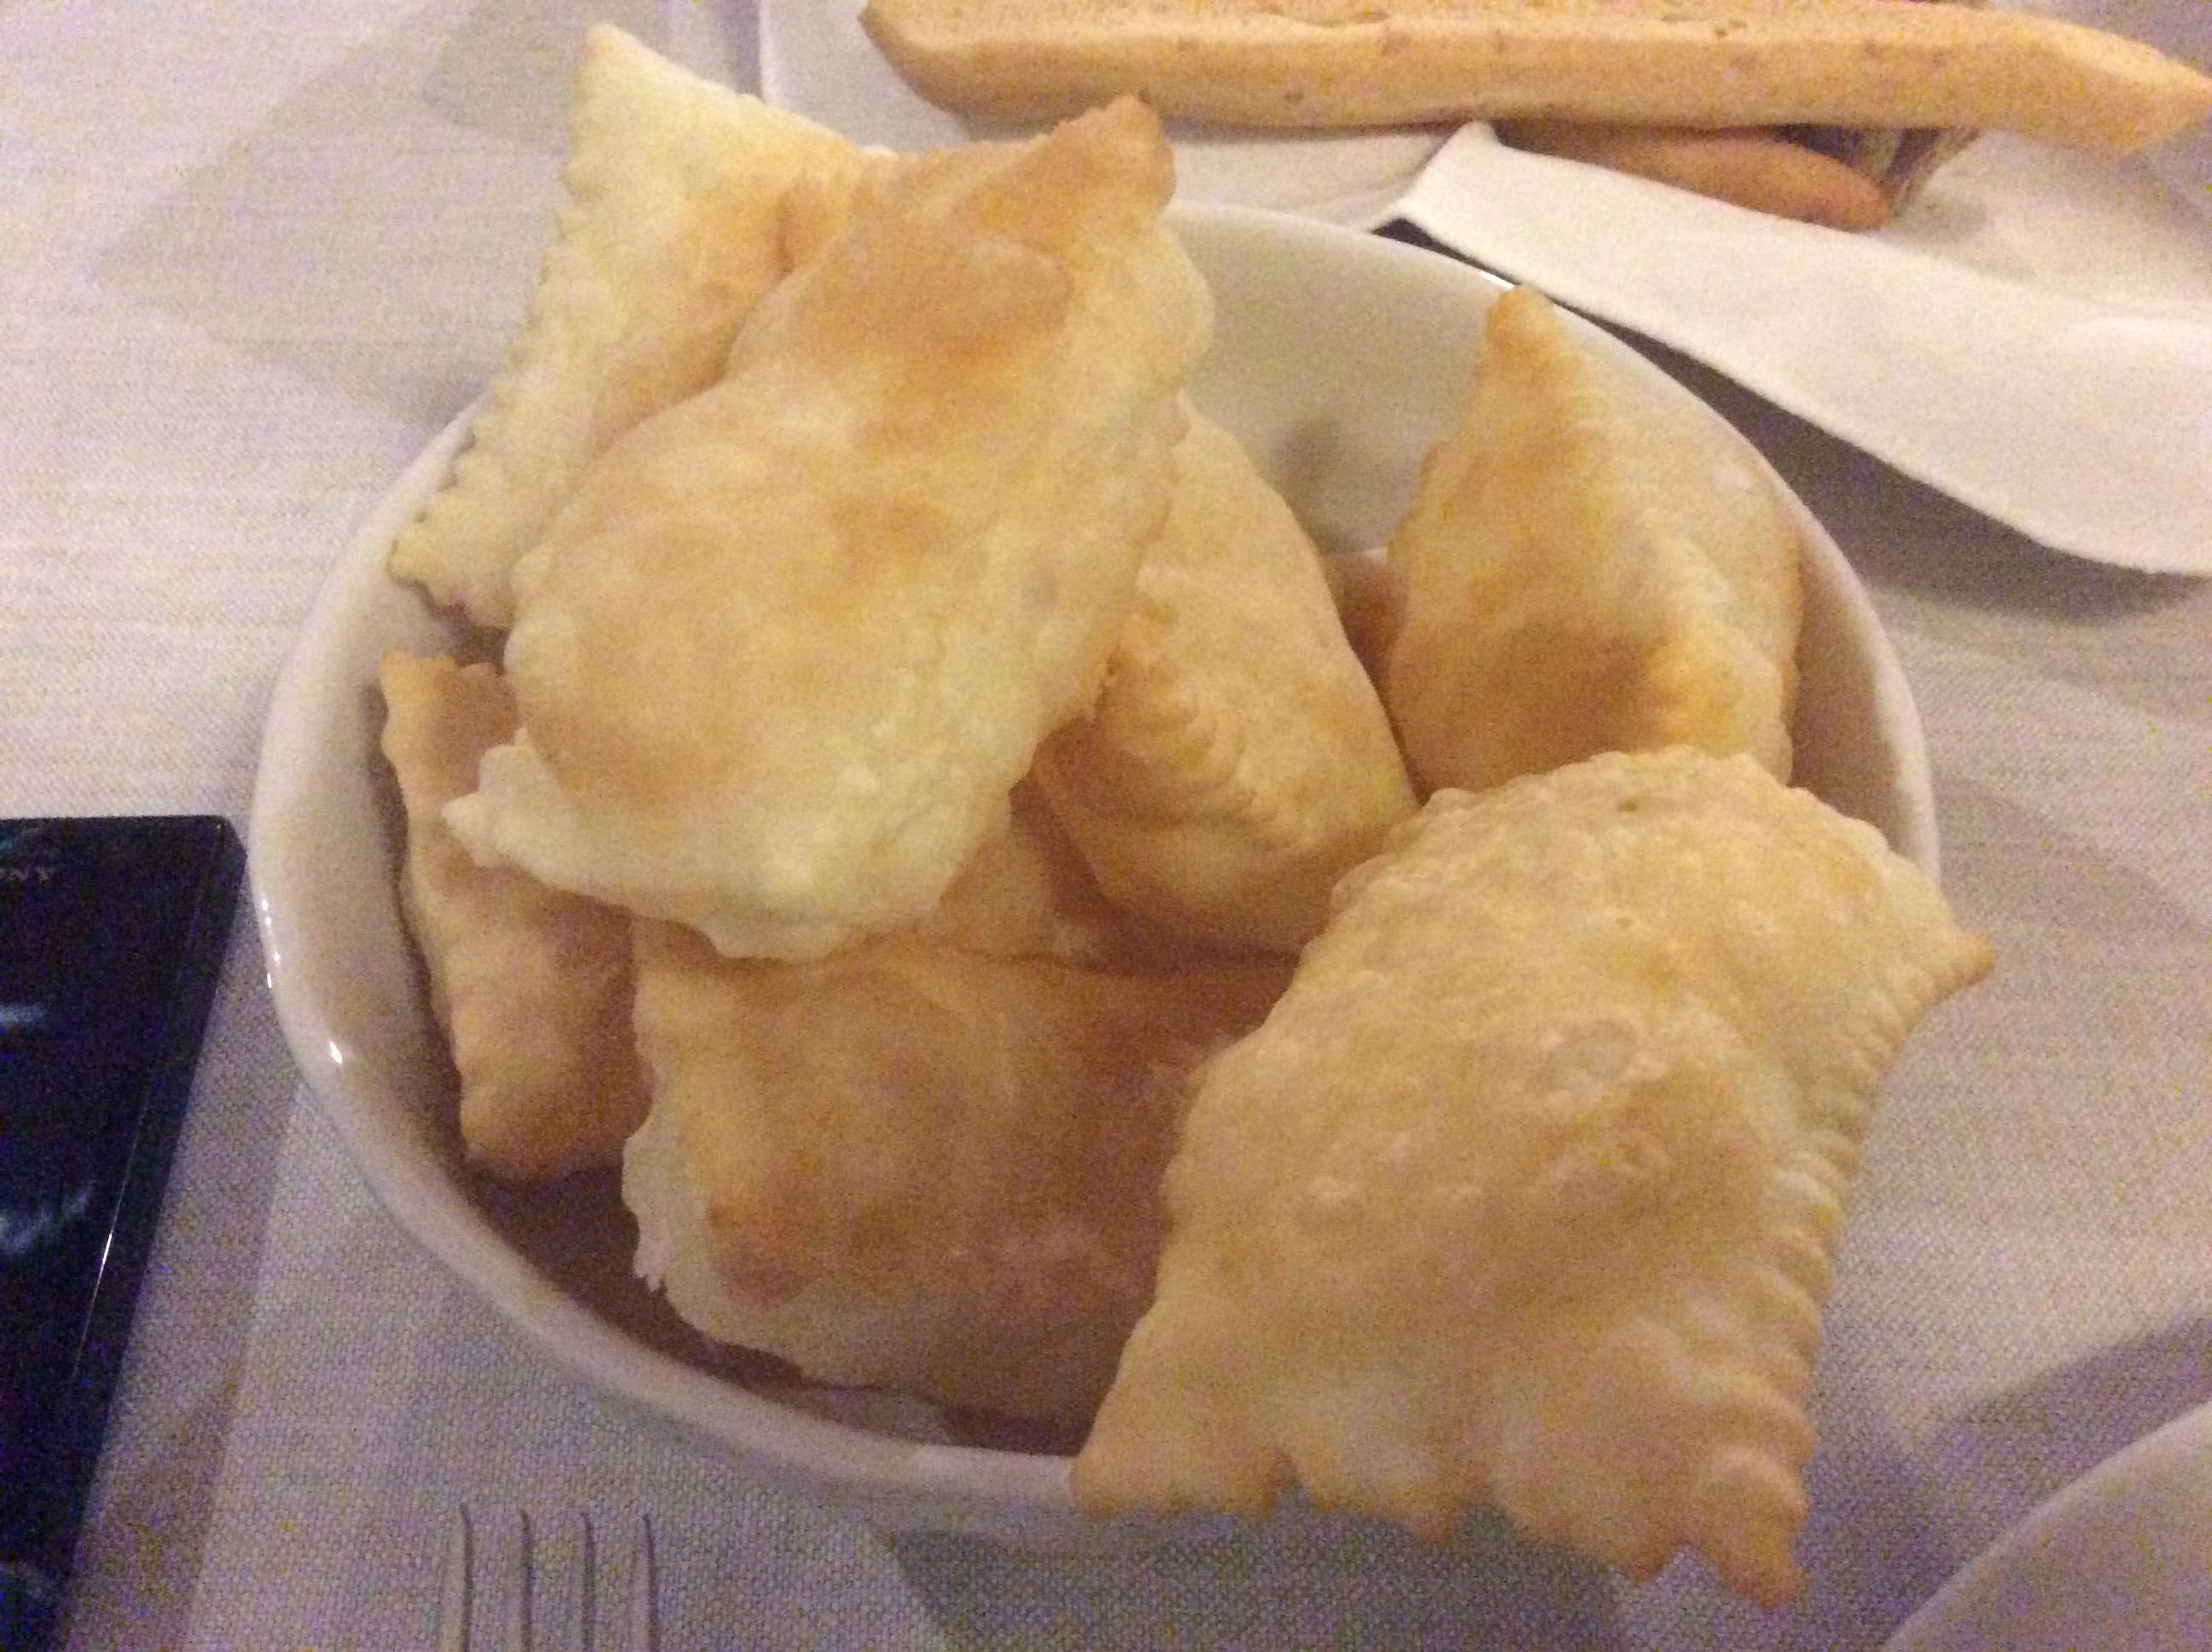 http://gourmet-italian.com/2114.JPG